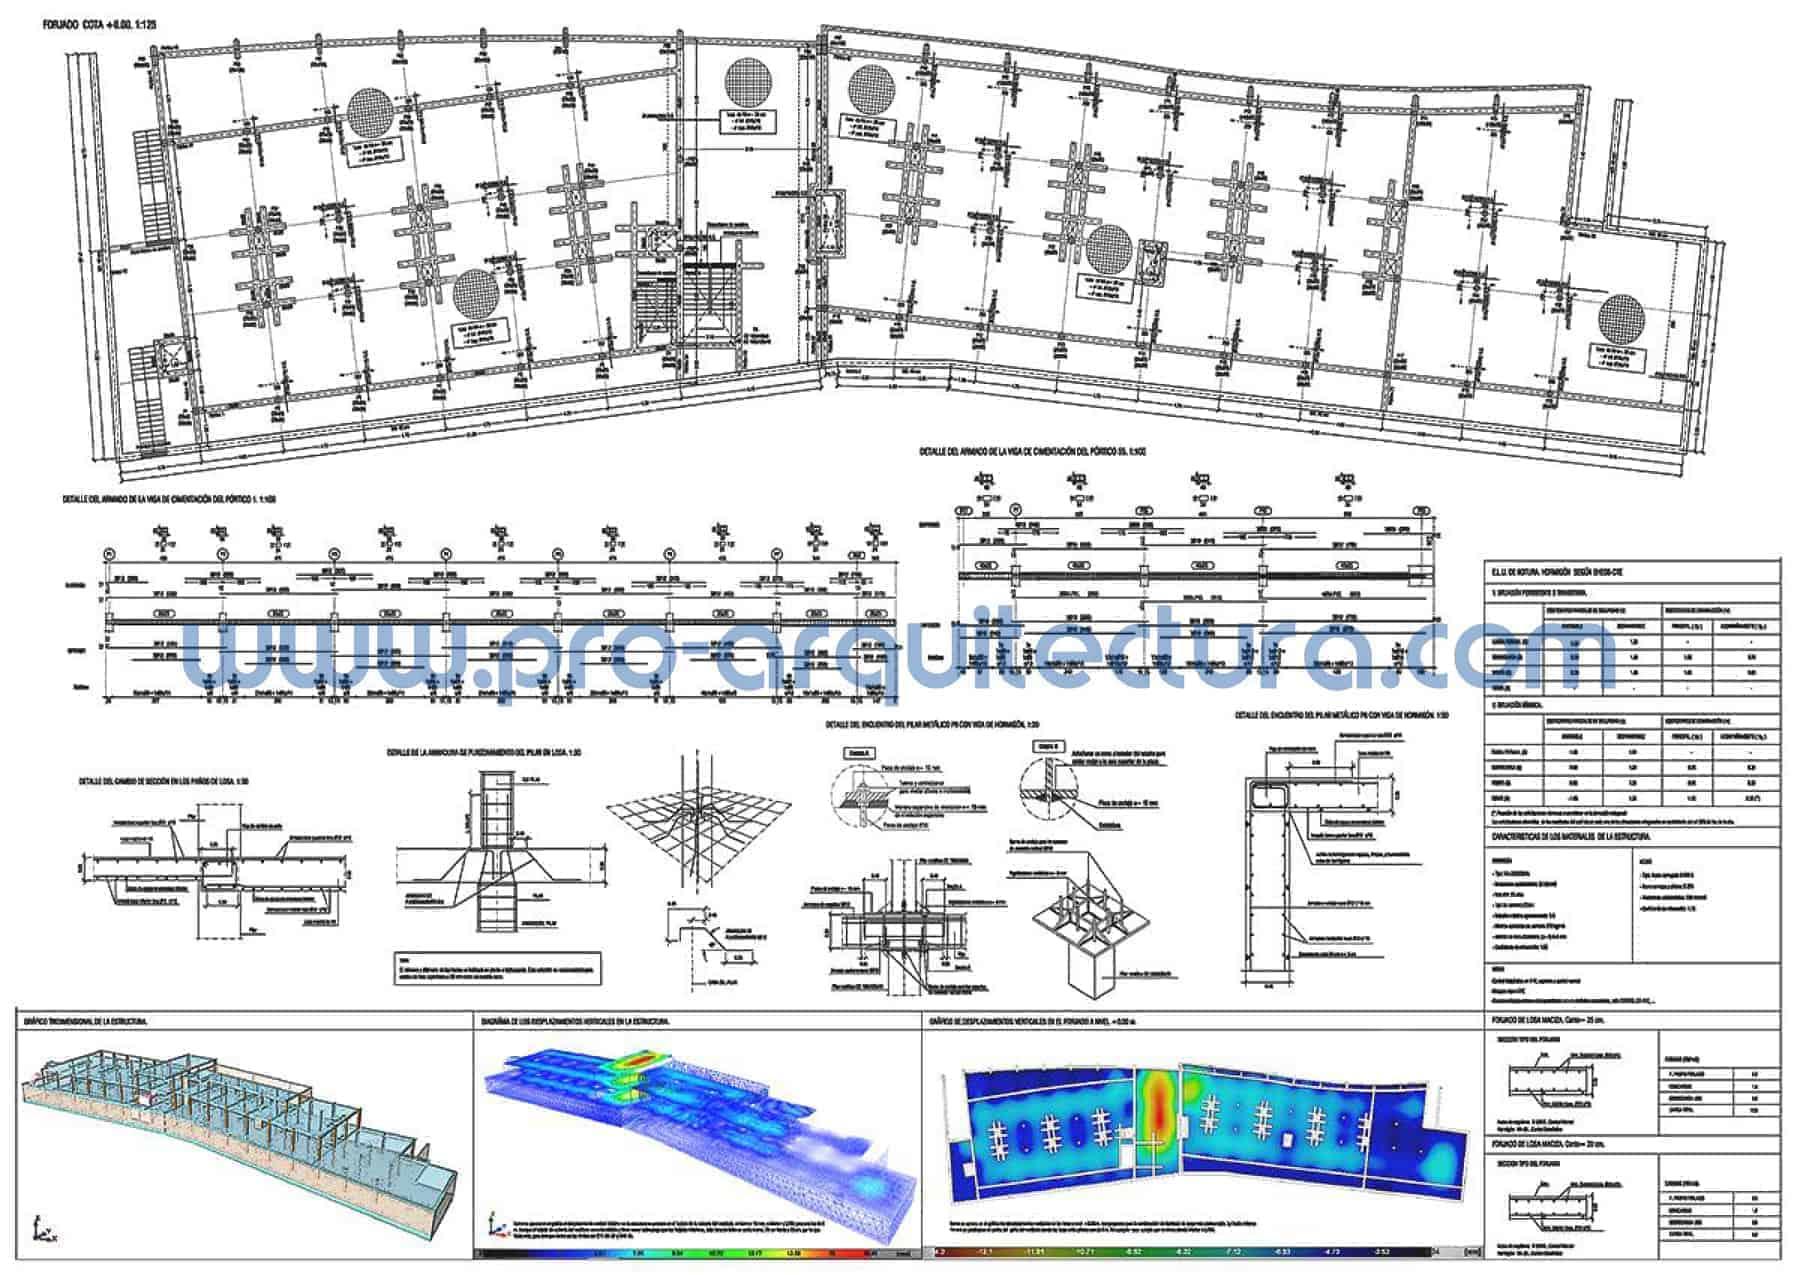 0035-02 Apartahotel - Planos de estructuras - Tu ayuda con la entrega de la estructura del pfc pfg tfg tfm de arquitectura.